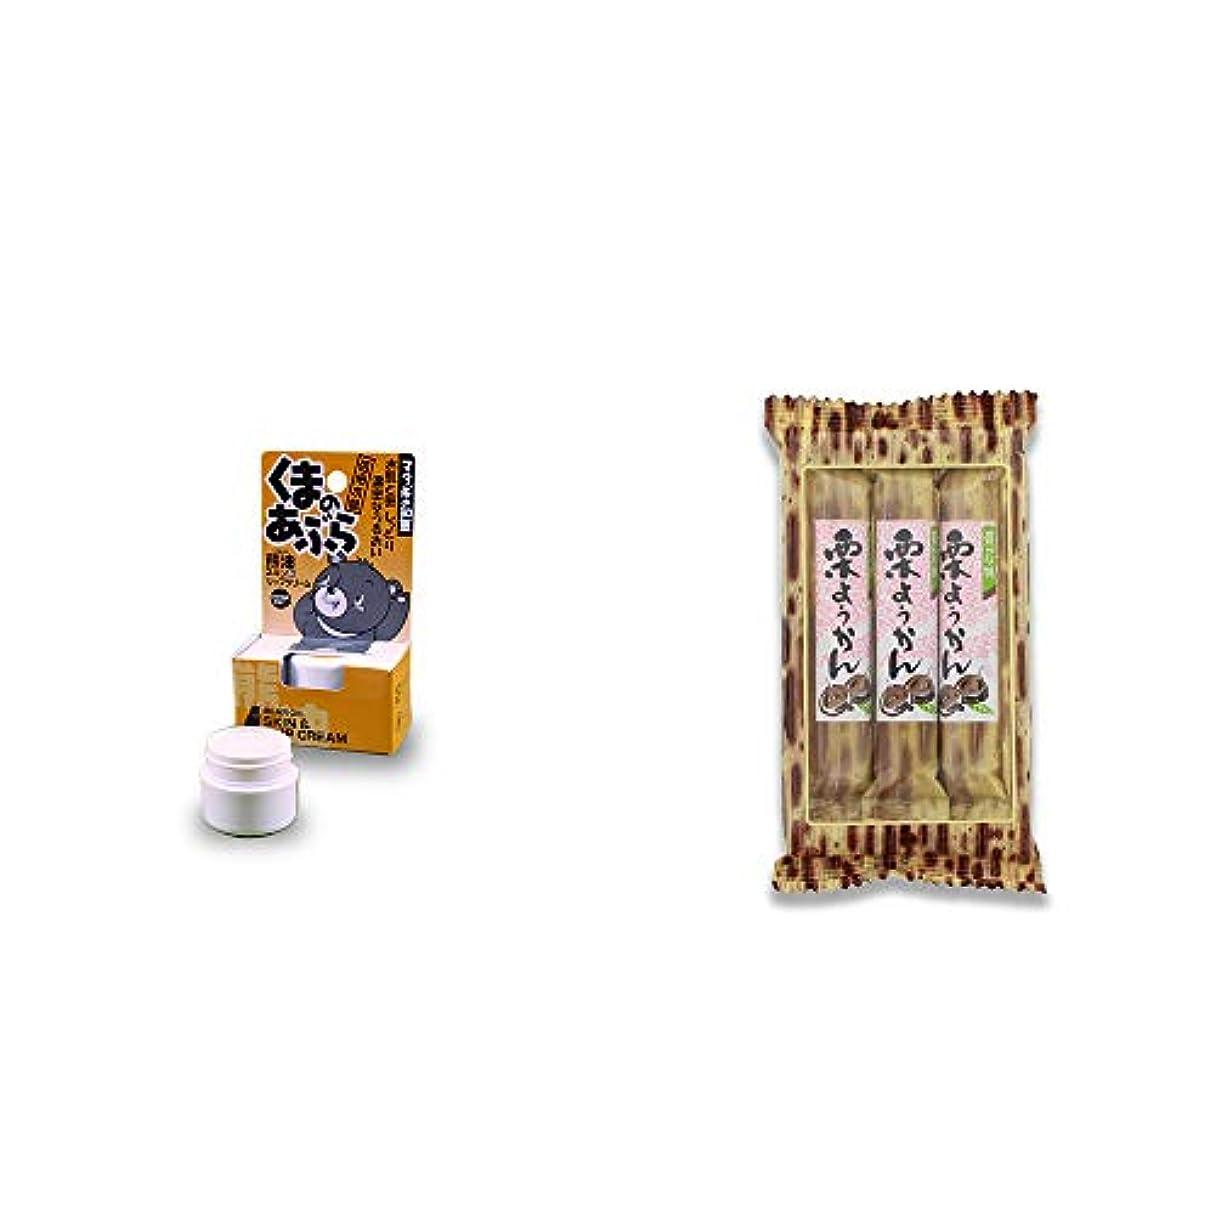 チャップ不明瞭スズメバチ[2点セット] 信州木曽 くまのあぶら 熊油スキン&リップクリーム(9g)?スティックようかん[栗](50g×3本)